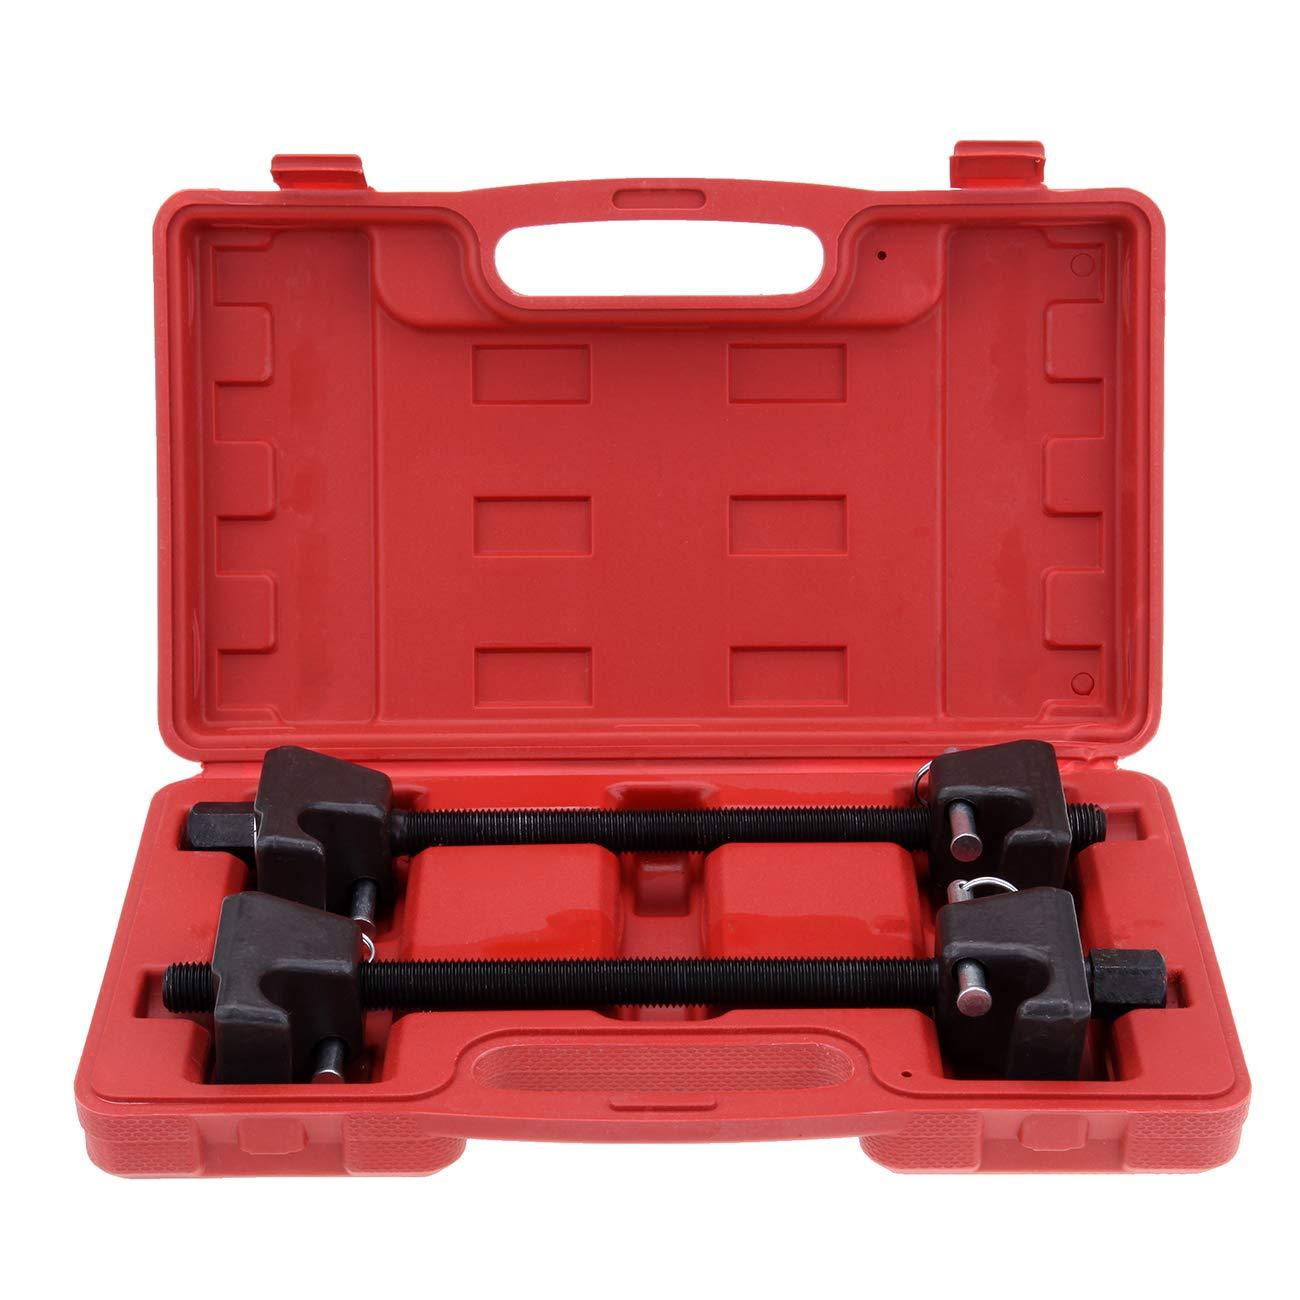 Ambienceo 2PC Compresseur à ressort hélicoïdal pour Macpherson Struts, Absorbeur de chocs kit d'outil de garage Auto Absorbeur de chocs kit d'outil de garage Auto